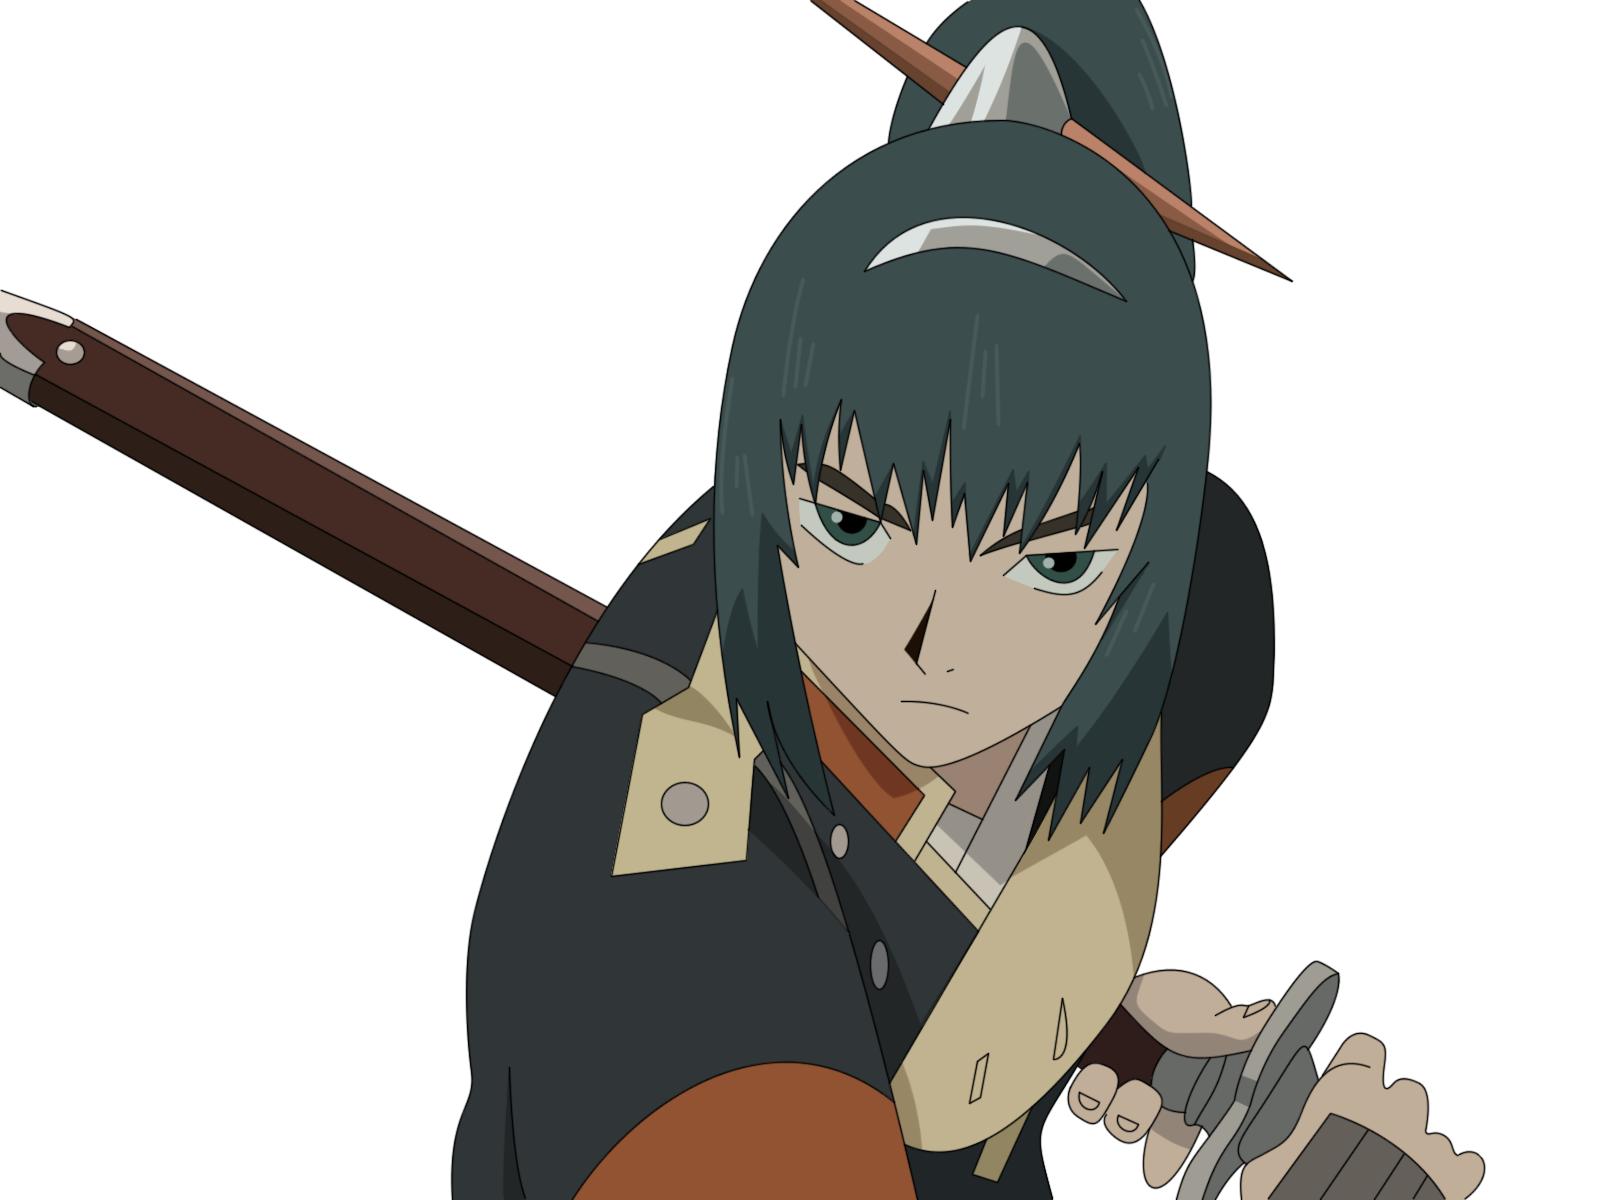 Samurai-Katsuhiro-wallpaper-wp52010830